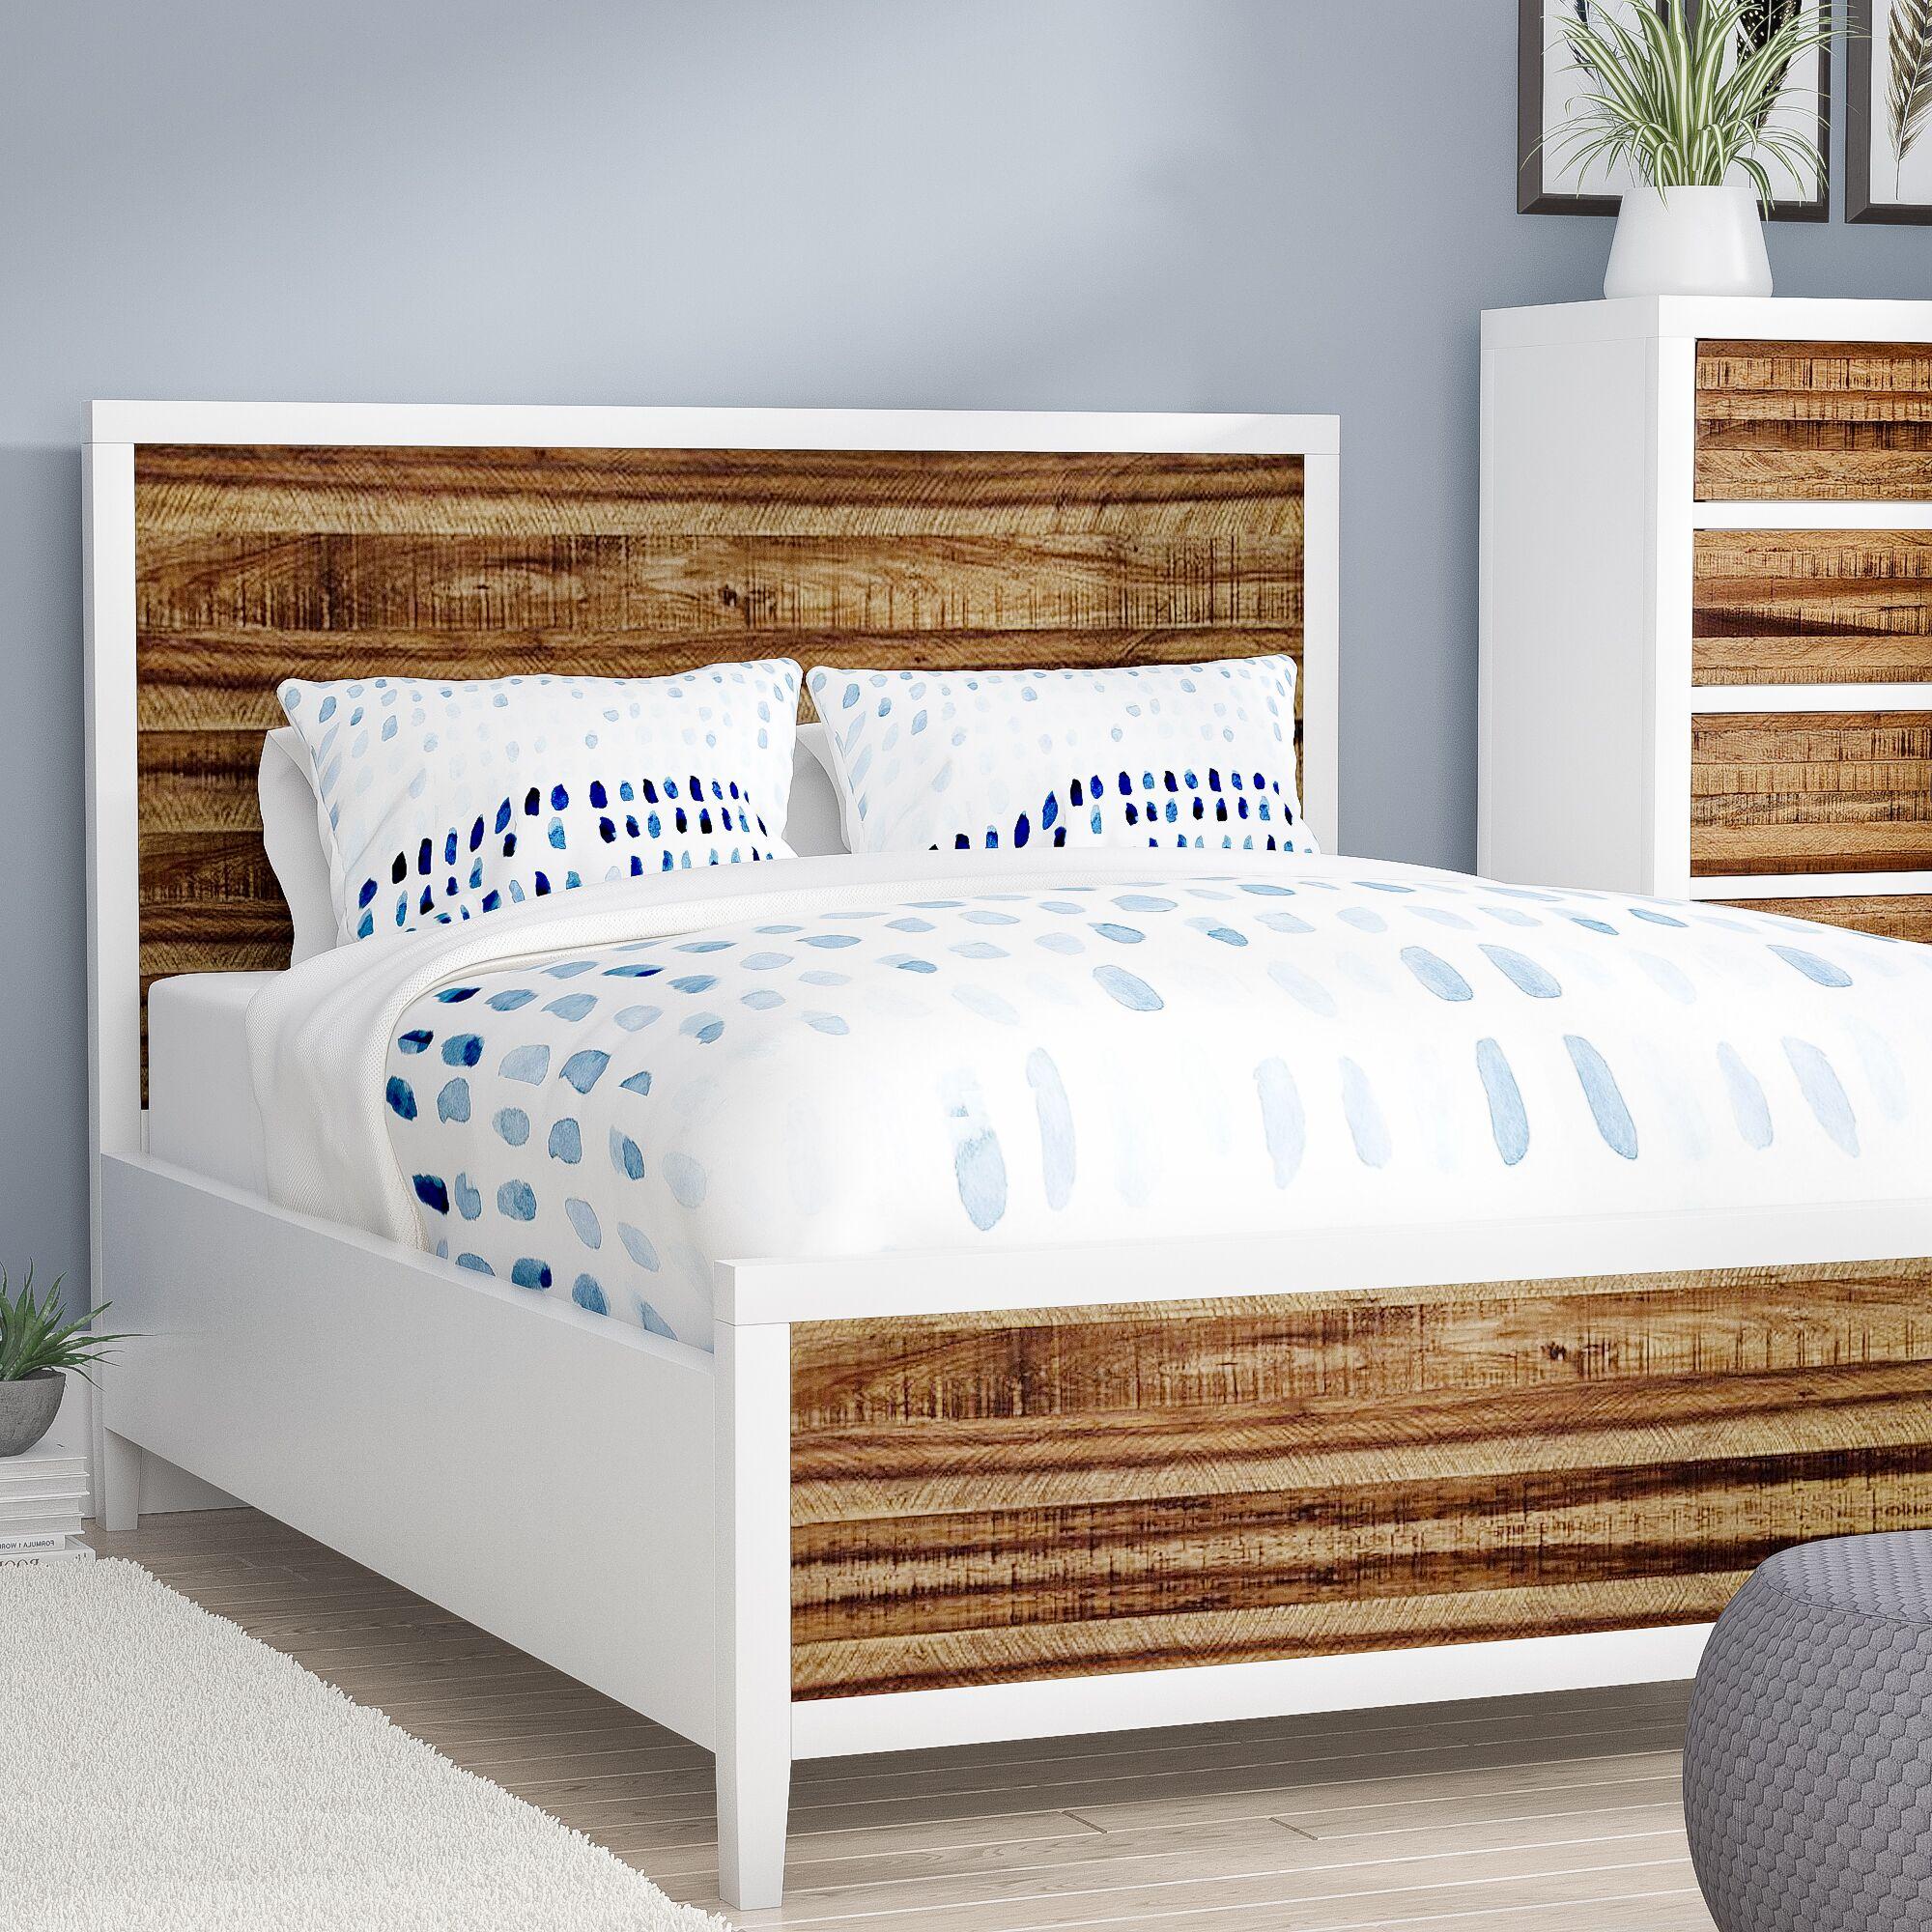 Bendigo Platform Bed Size: Queen